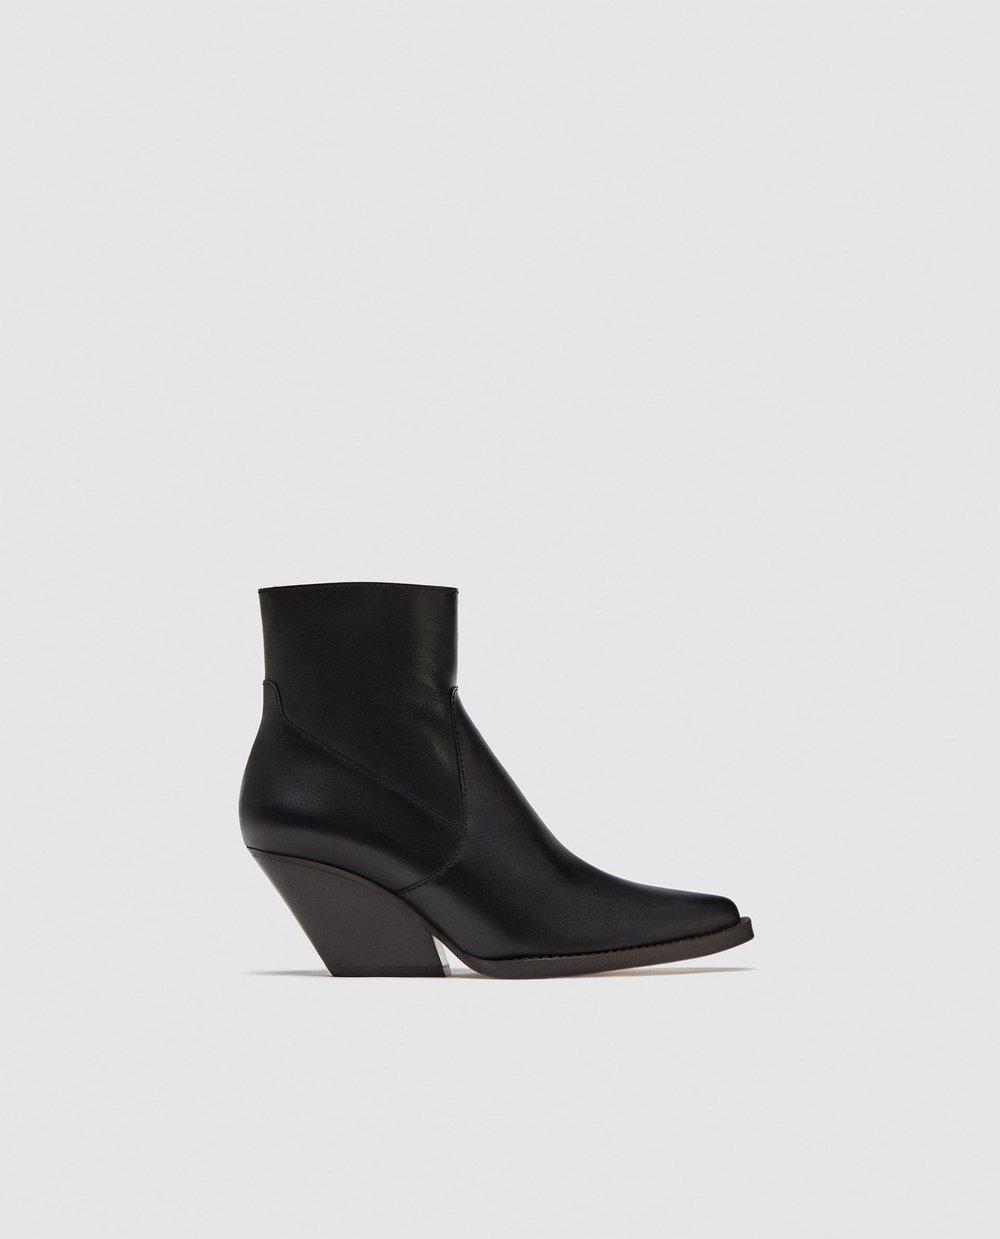 https://www.zara.com/ca/en/leather-cowboy-ankle-boots-p11123301.html?v1=6101661&v2=969020